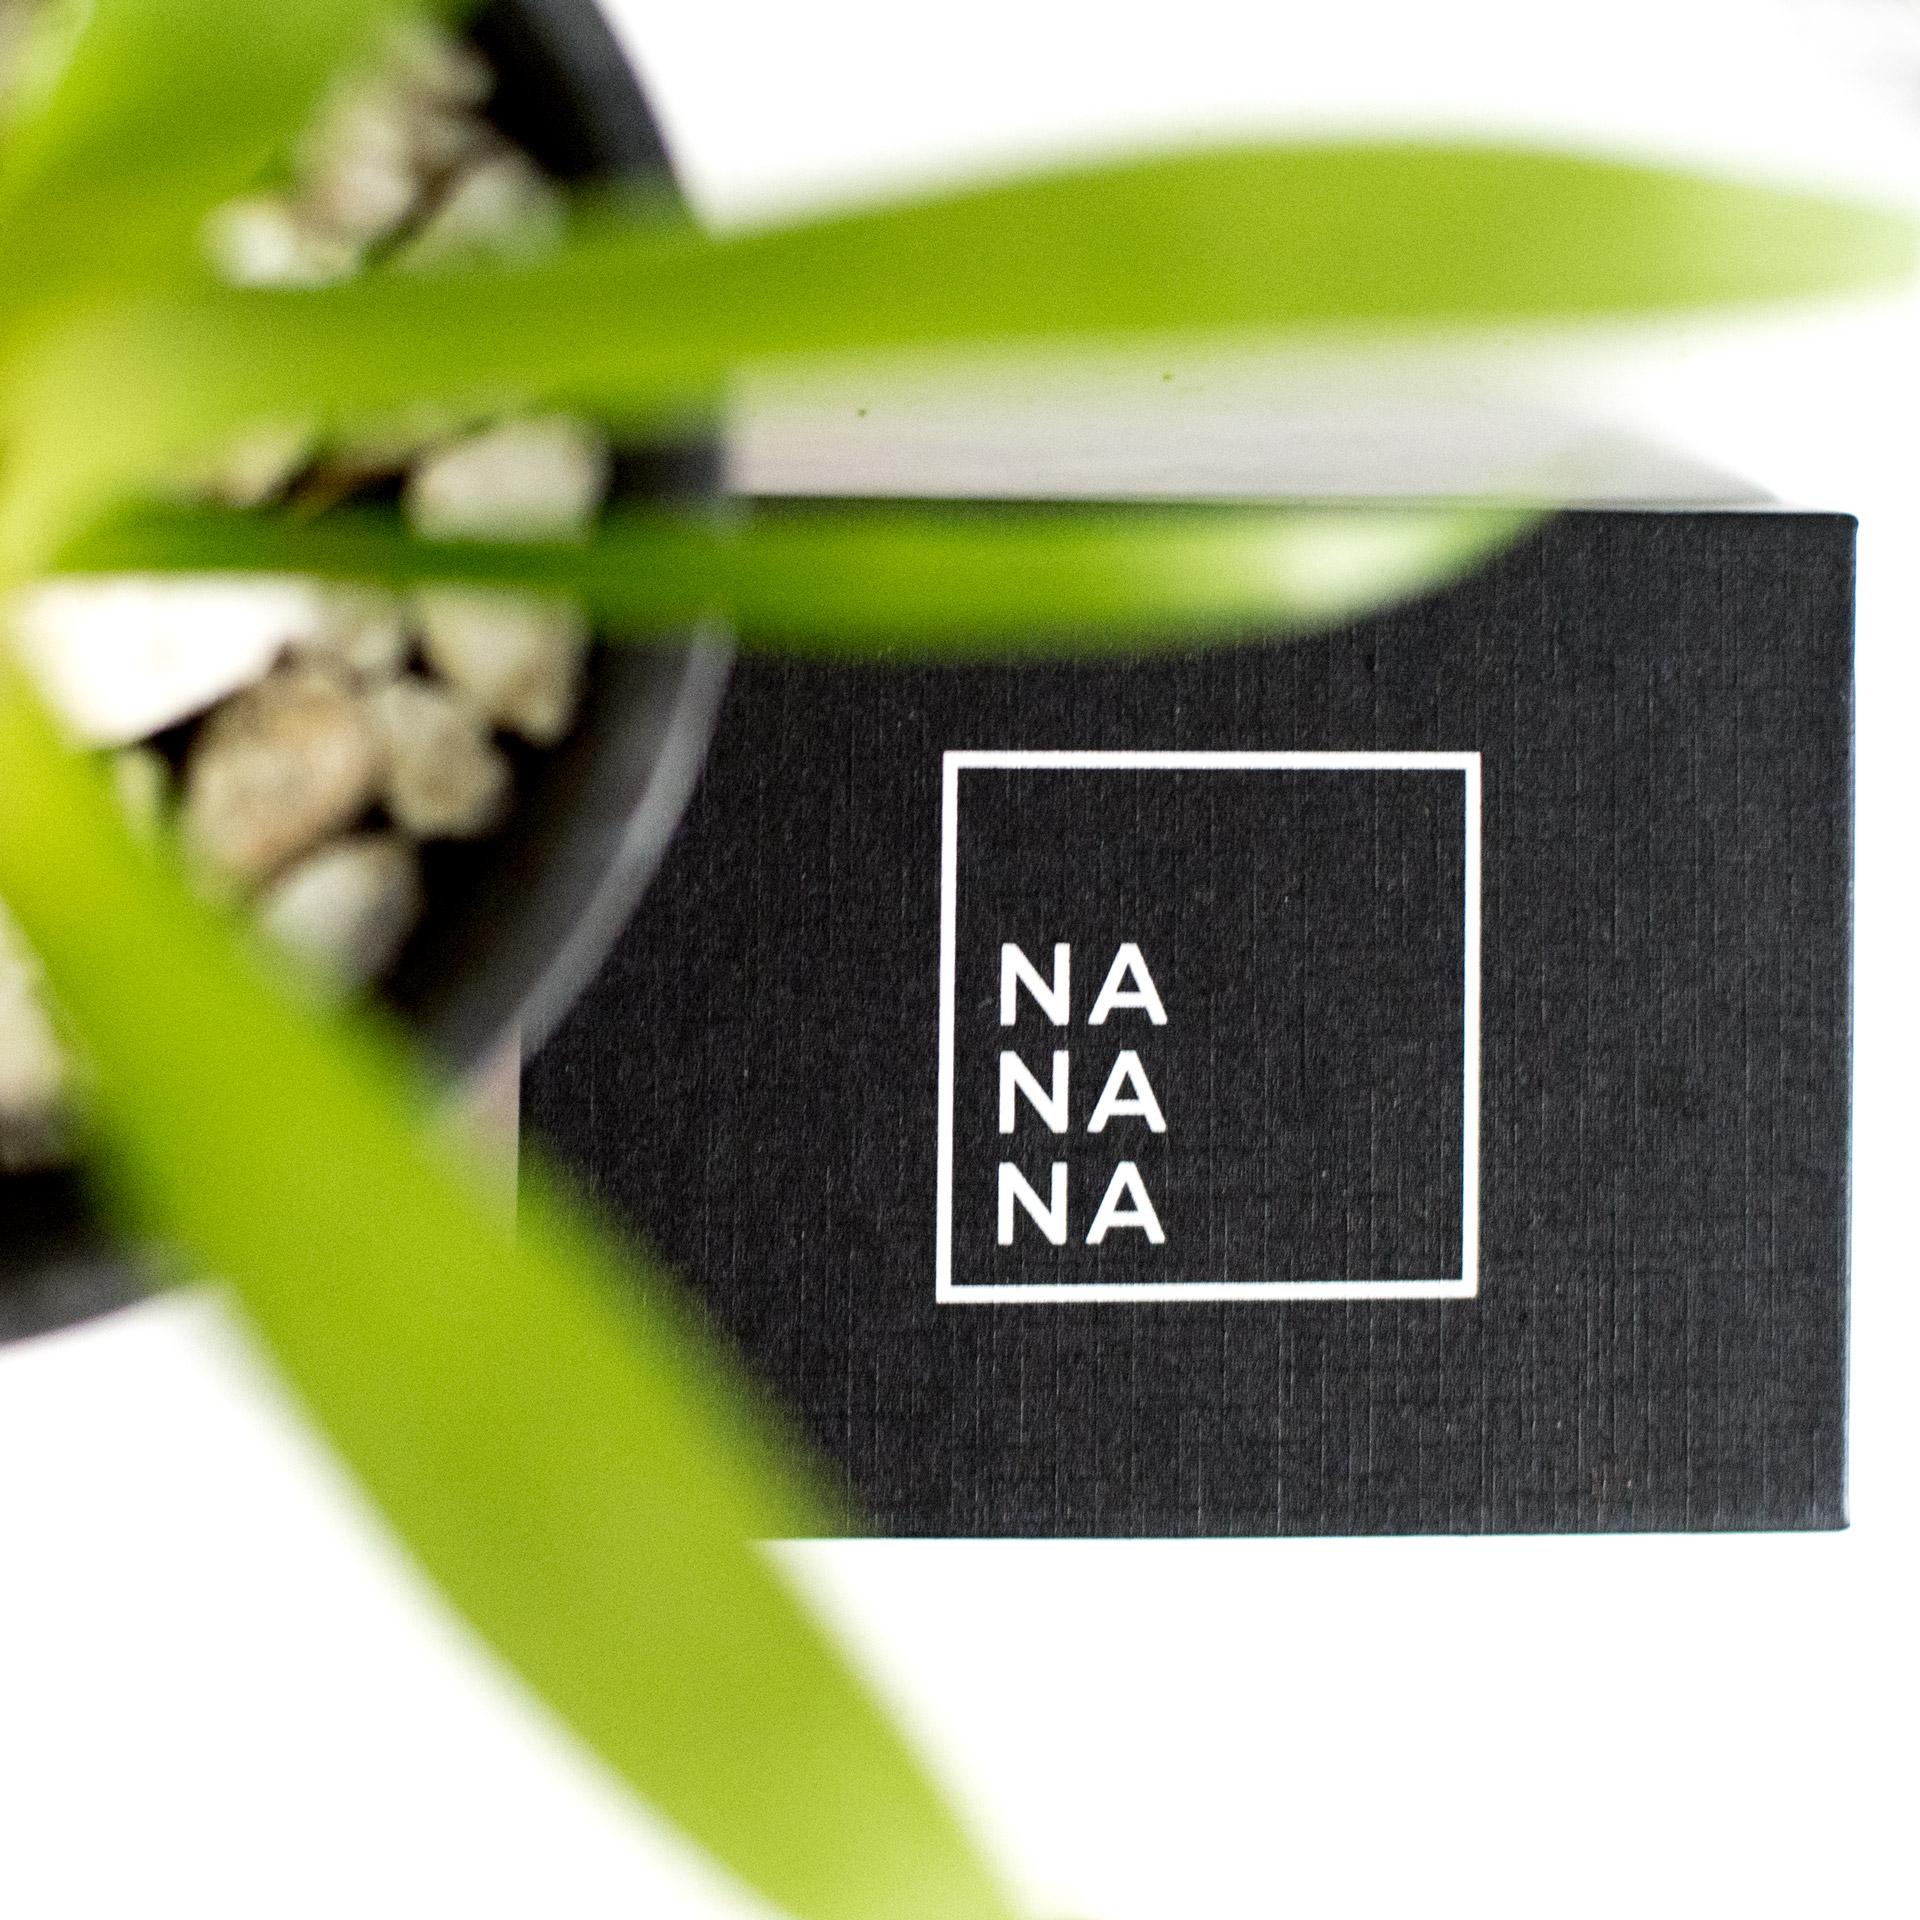 nanana video